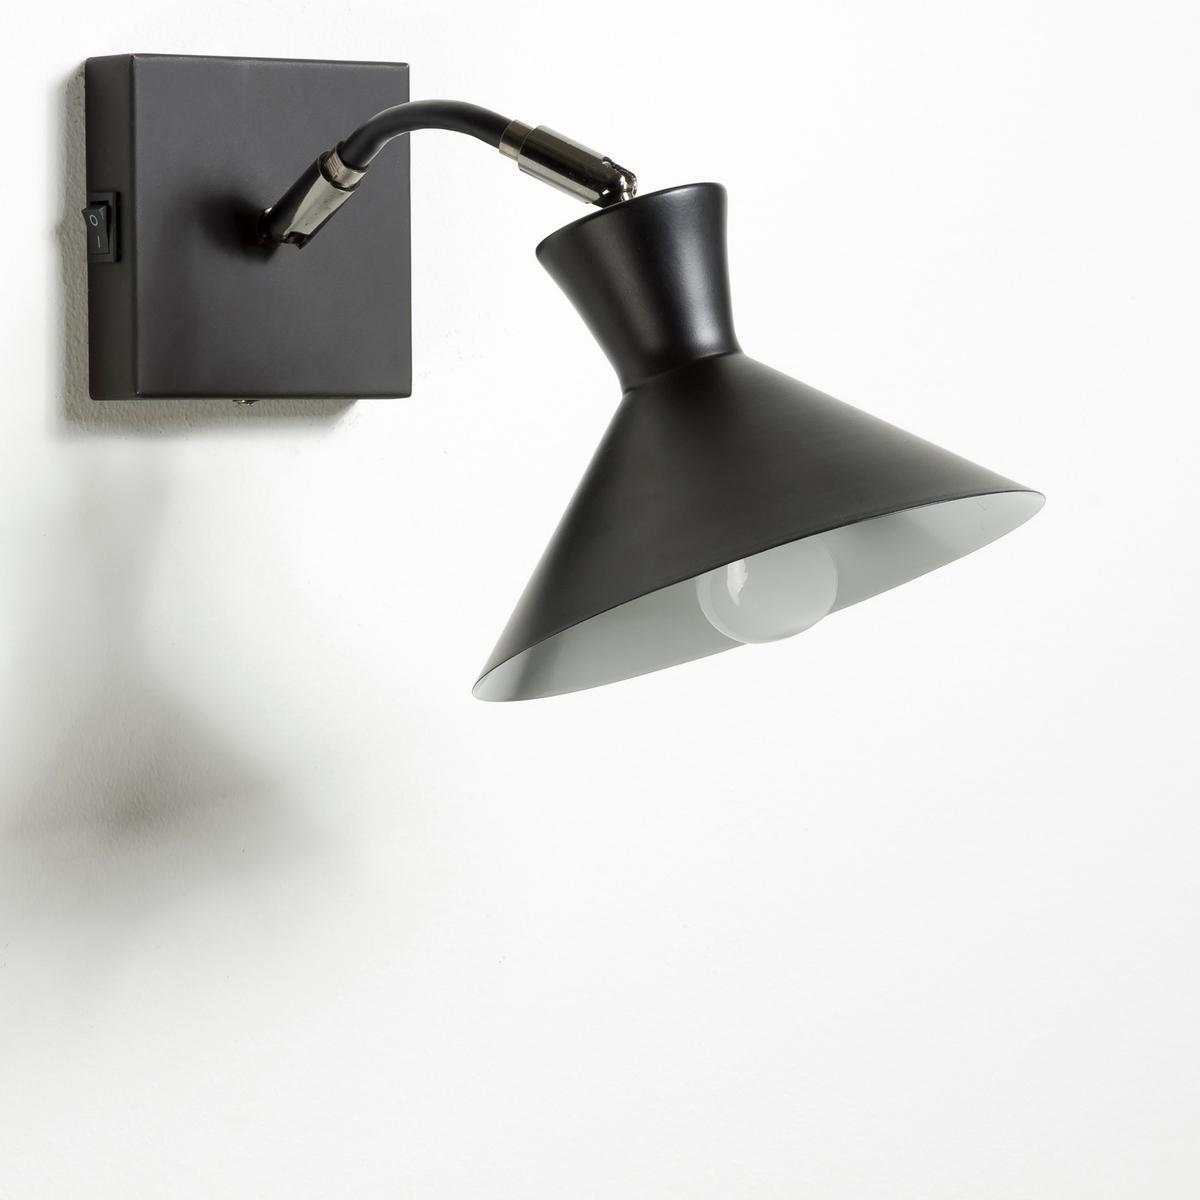 Светильник Voltige из металлаСветильник из металла с эпоксидным покрытием .Строгий и функциональный дизайн светильника, который найдет свое место в любой комнате . Патрон E14 для лампочки макс 11 Вт (не входит в комплект)  .Квадратный низ с выключателем .Размер светильника   : Ширина 17 x Высота 26 см x глубина. 28 см.Размеры основания: 10 x 10 см. Толщина 2,5 см.Этот светильник совместим с лампочками    энергетического класса  A .Это изделие может использоваться в комнате детей старше 14 лет согласно действующему стандарту.<br><br>Цвет: белый,медный,черный